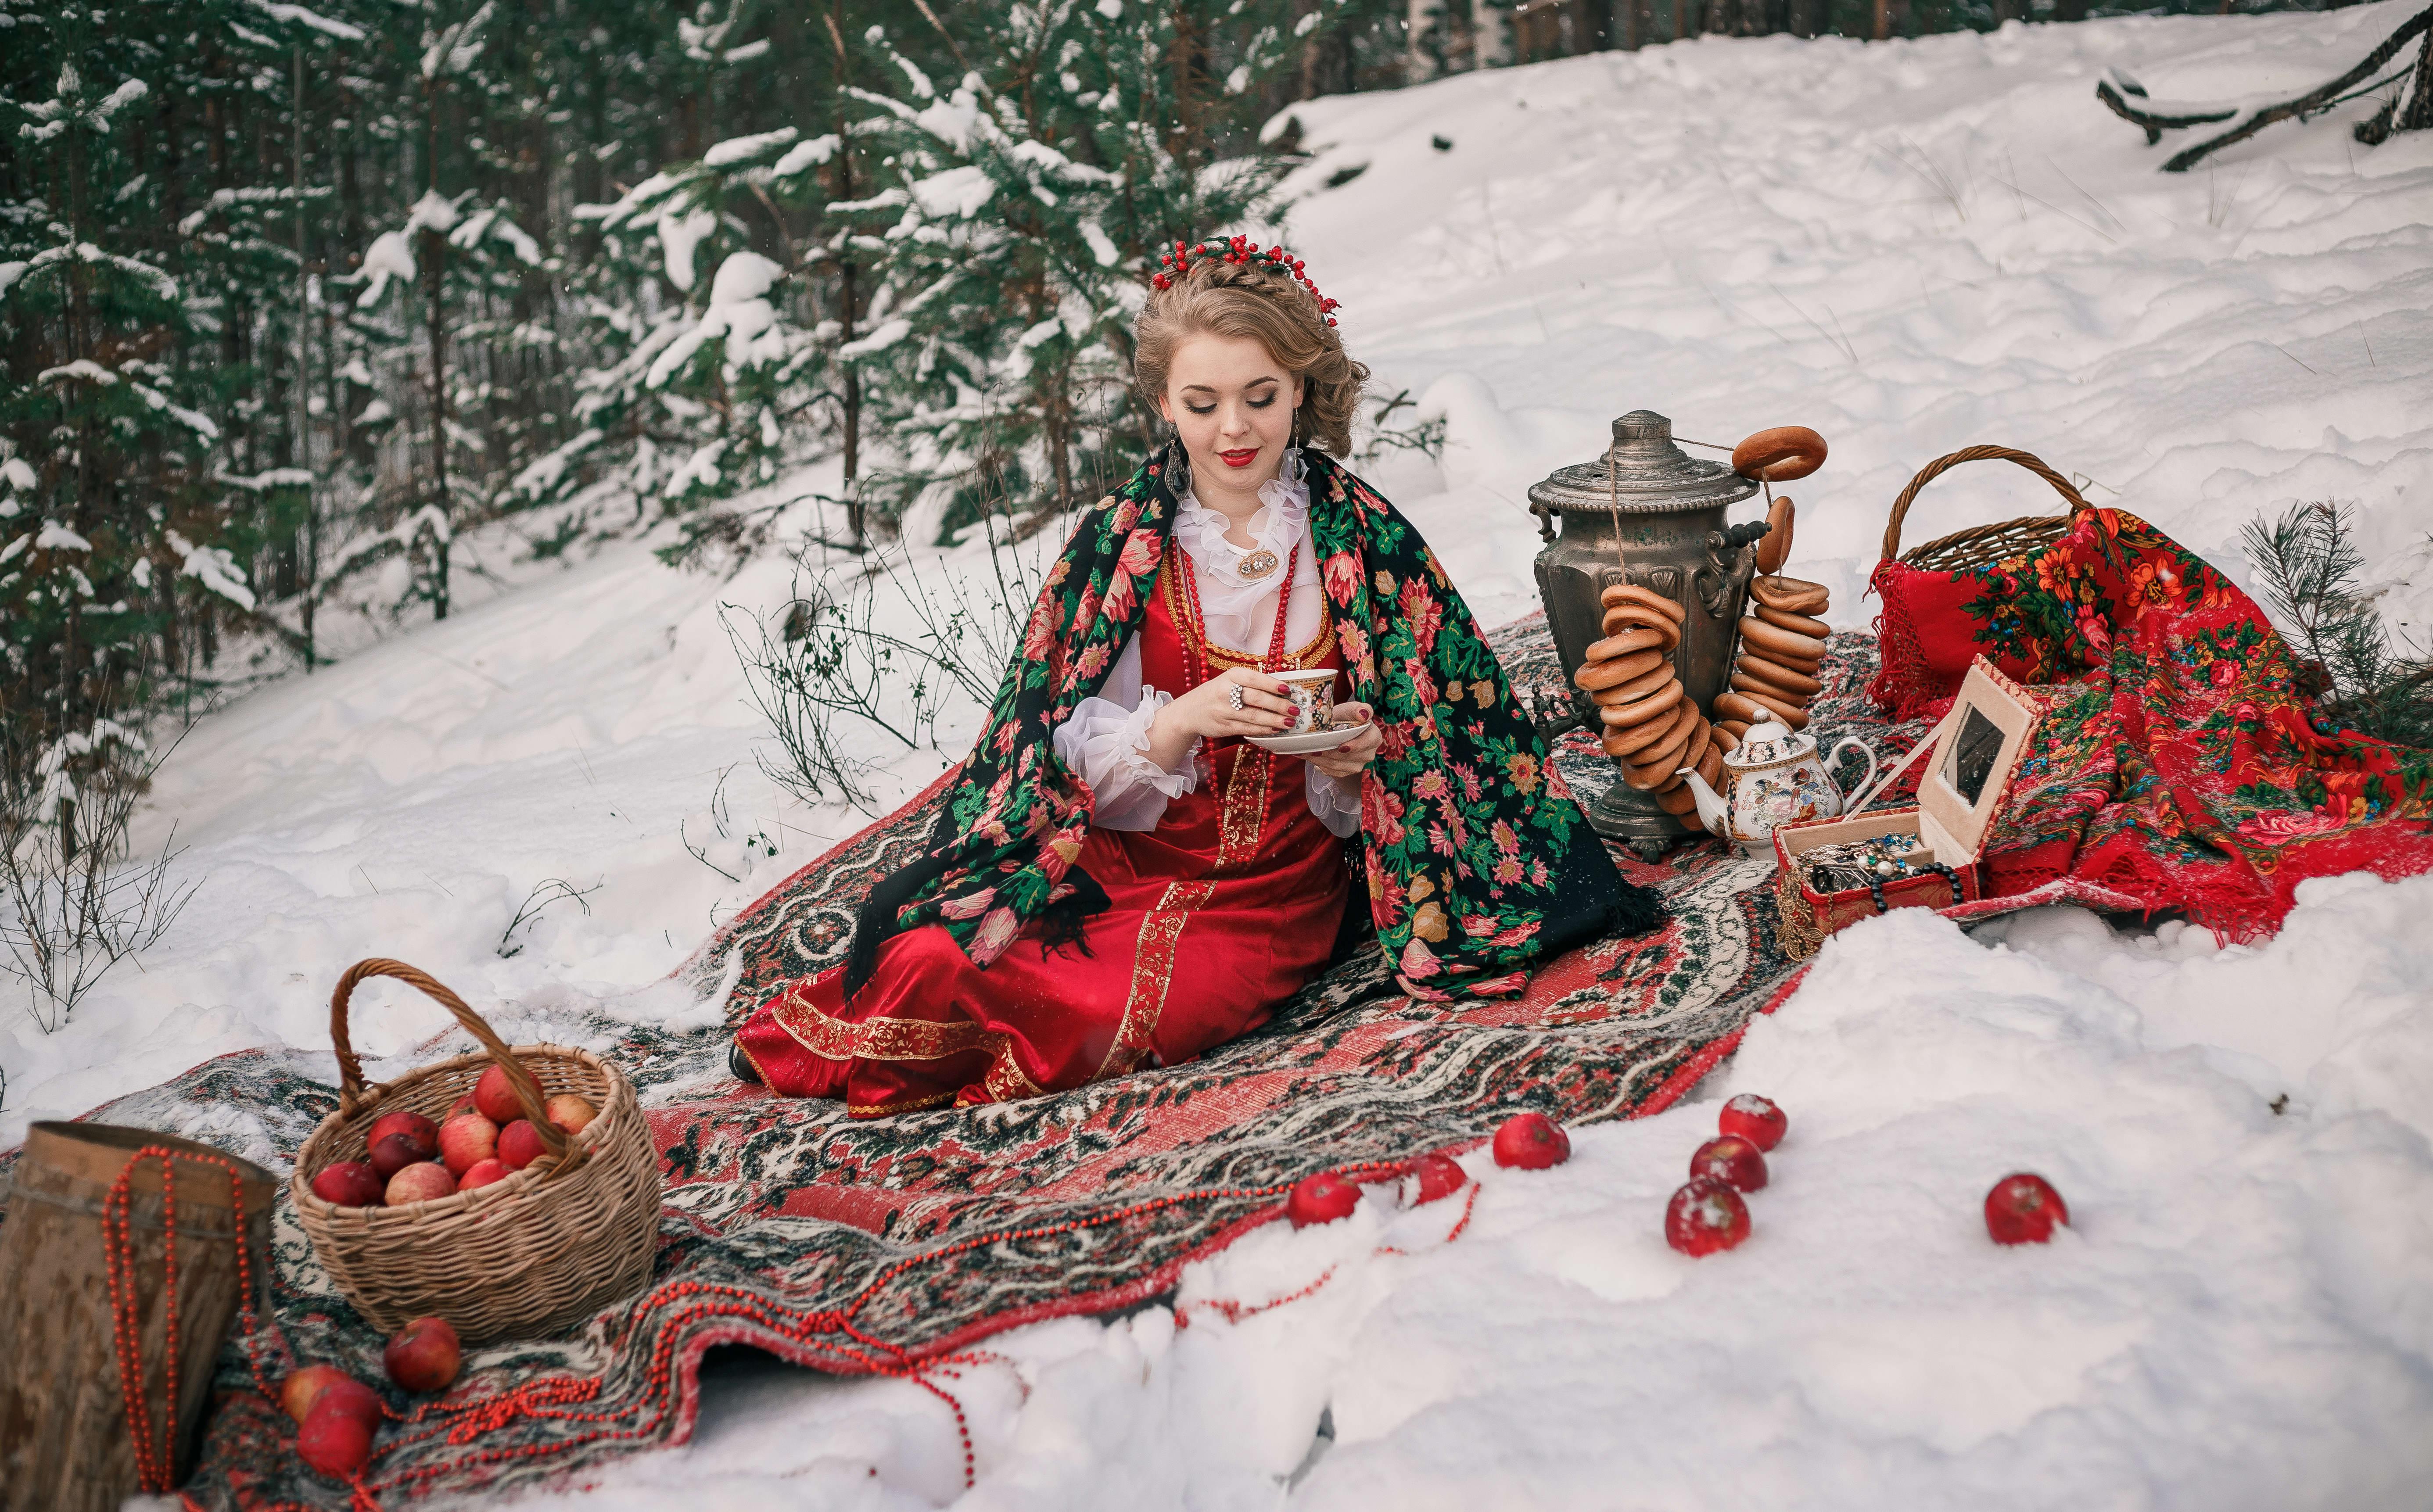 девушка, портрет, фотосессия, фотопроект, яблоки, снег, зима, чай, самовар, Васильев Владимир